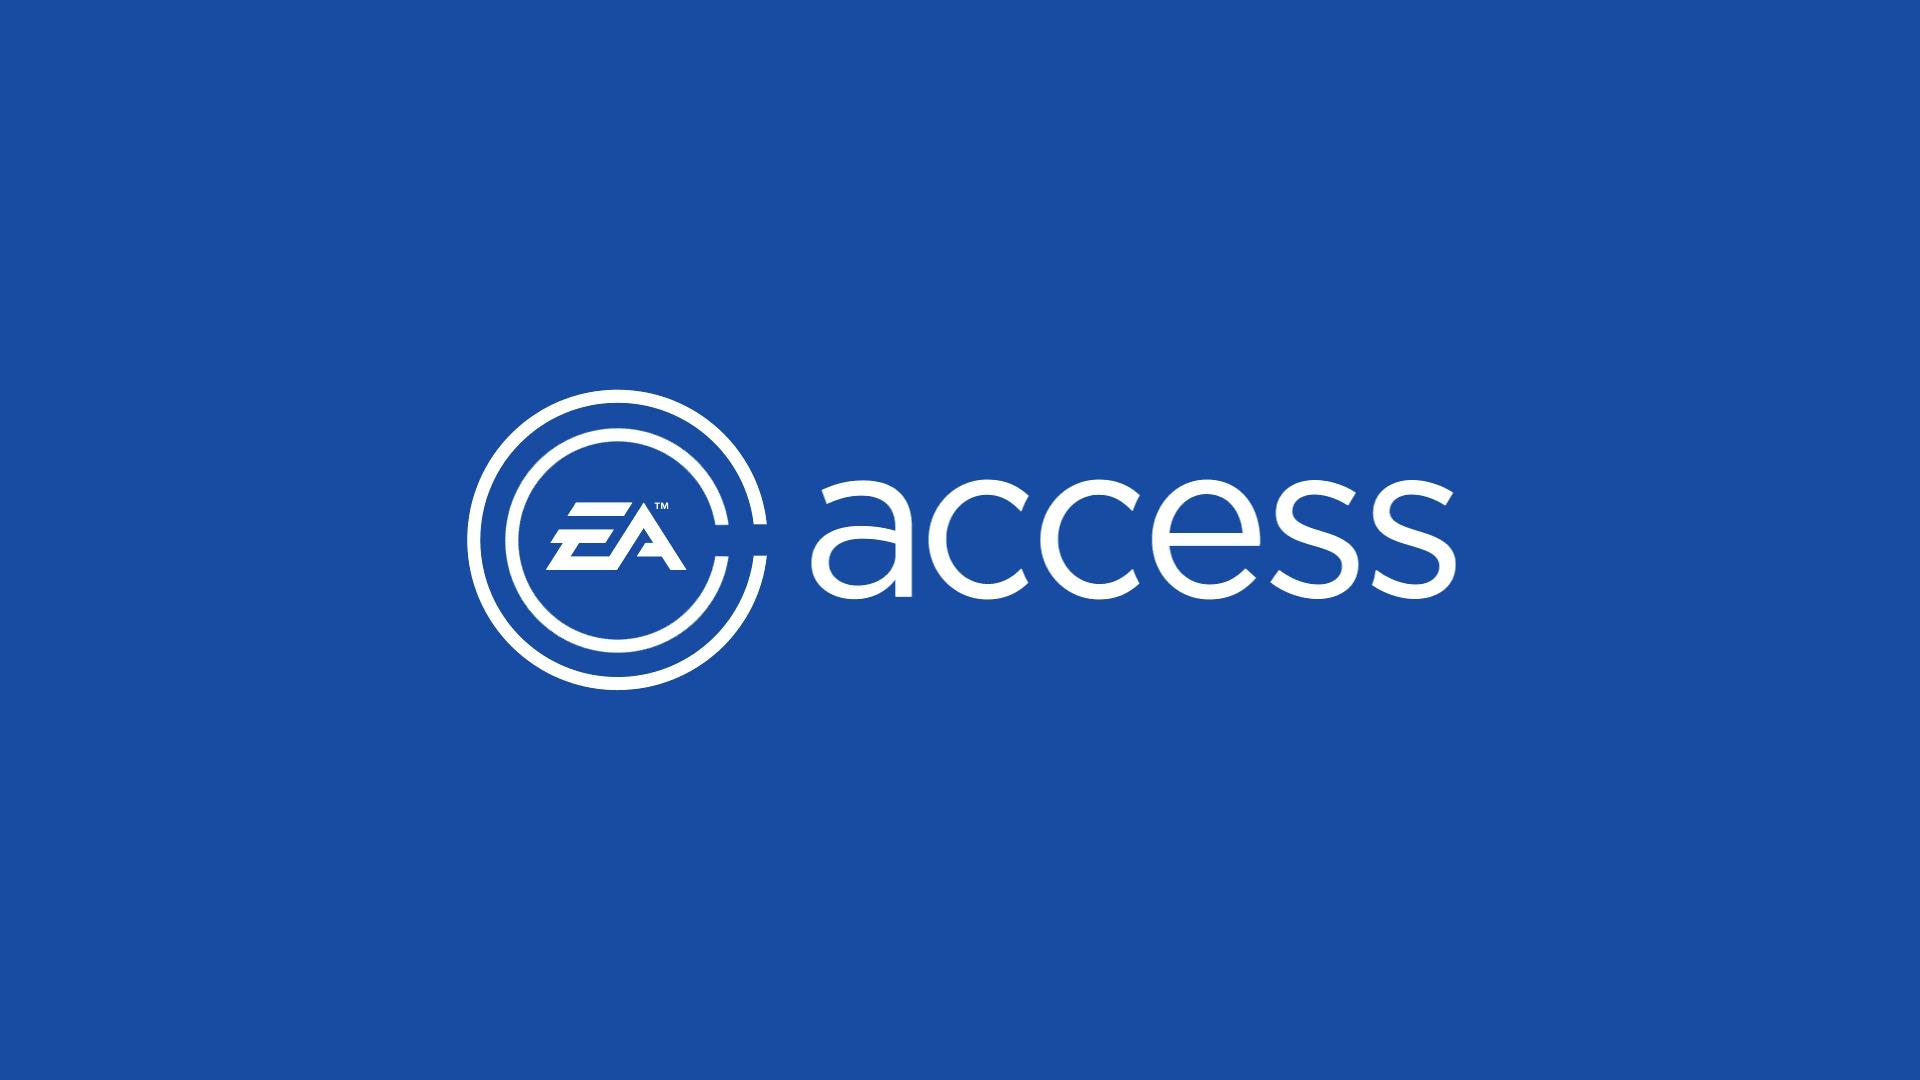 EA Access может появиться на других платформах